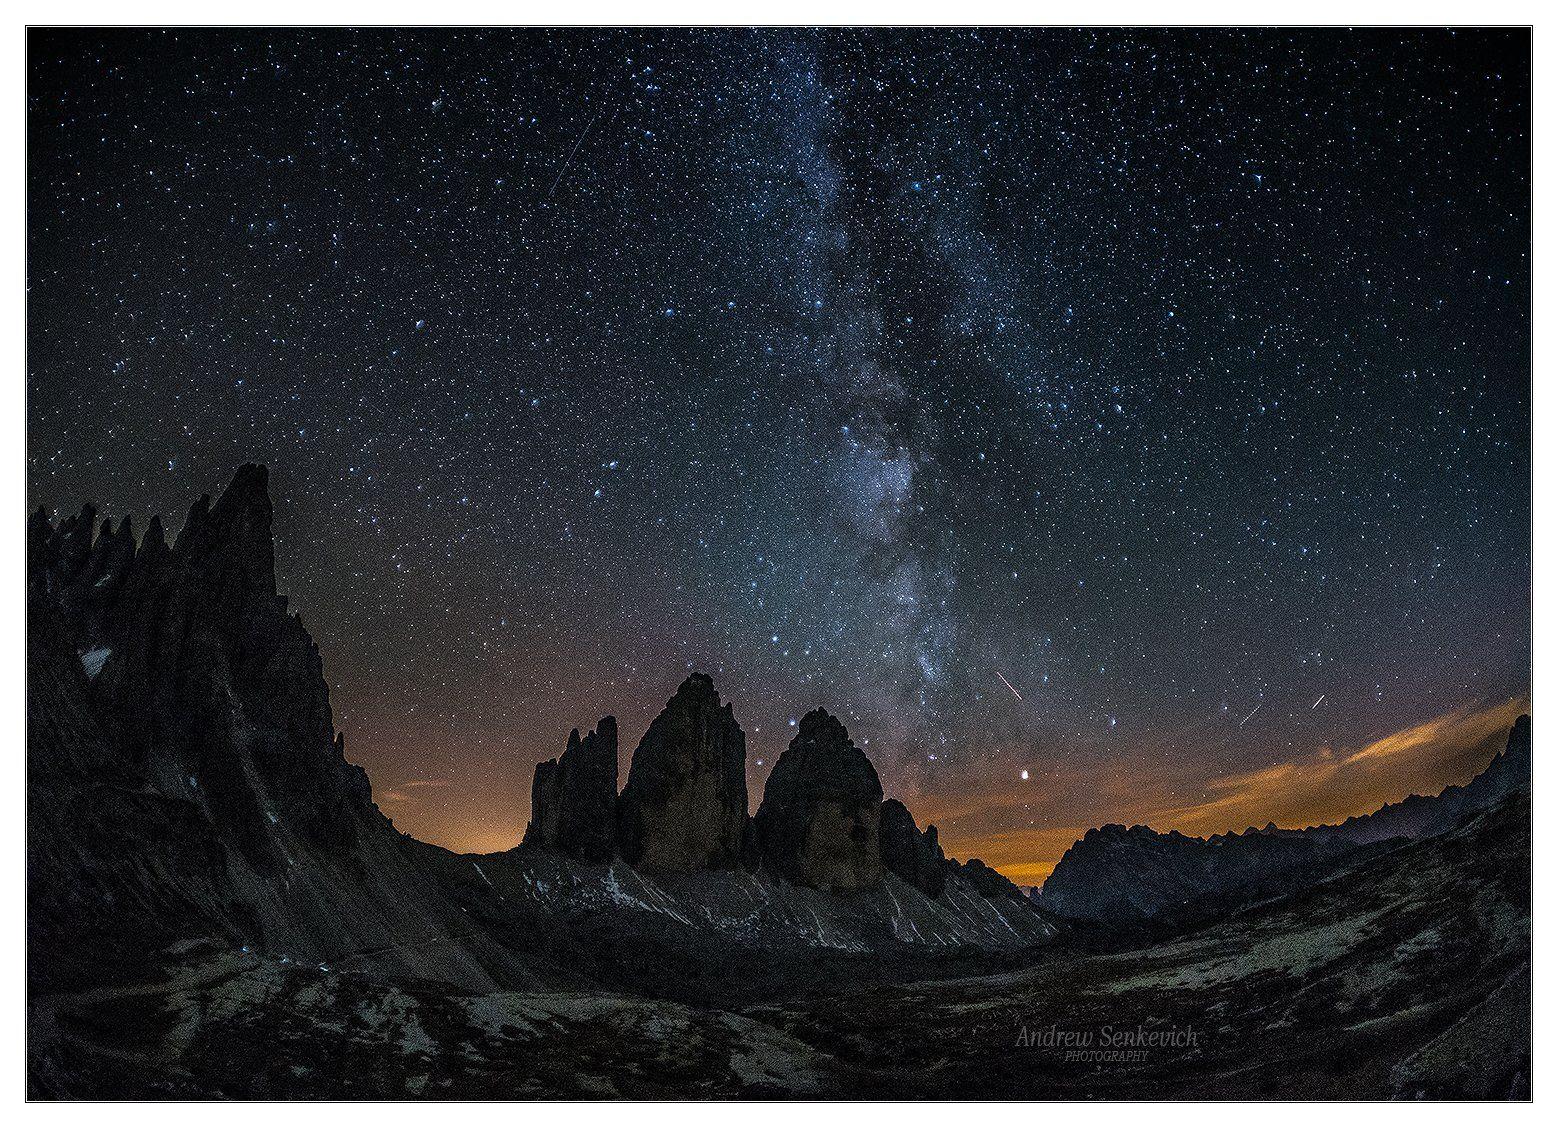 tre cime di lavaredo, dolomites, italy, горы, ночь, млечный путь, доломиты, milky way, night, stars, Andrew Senkevich